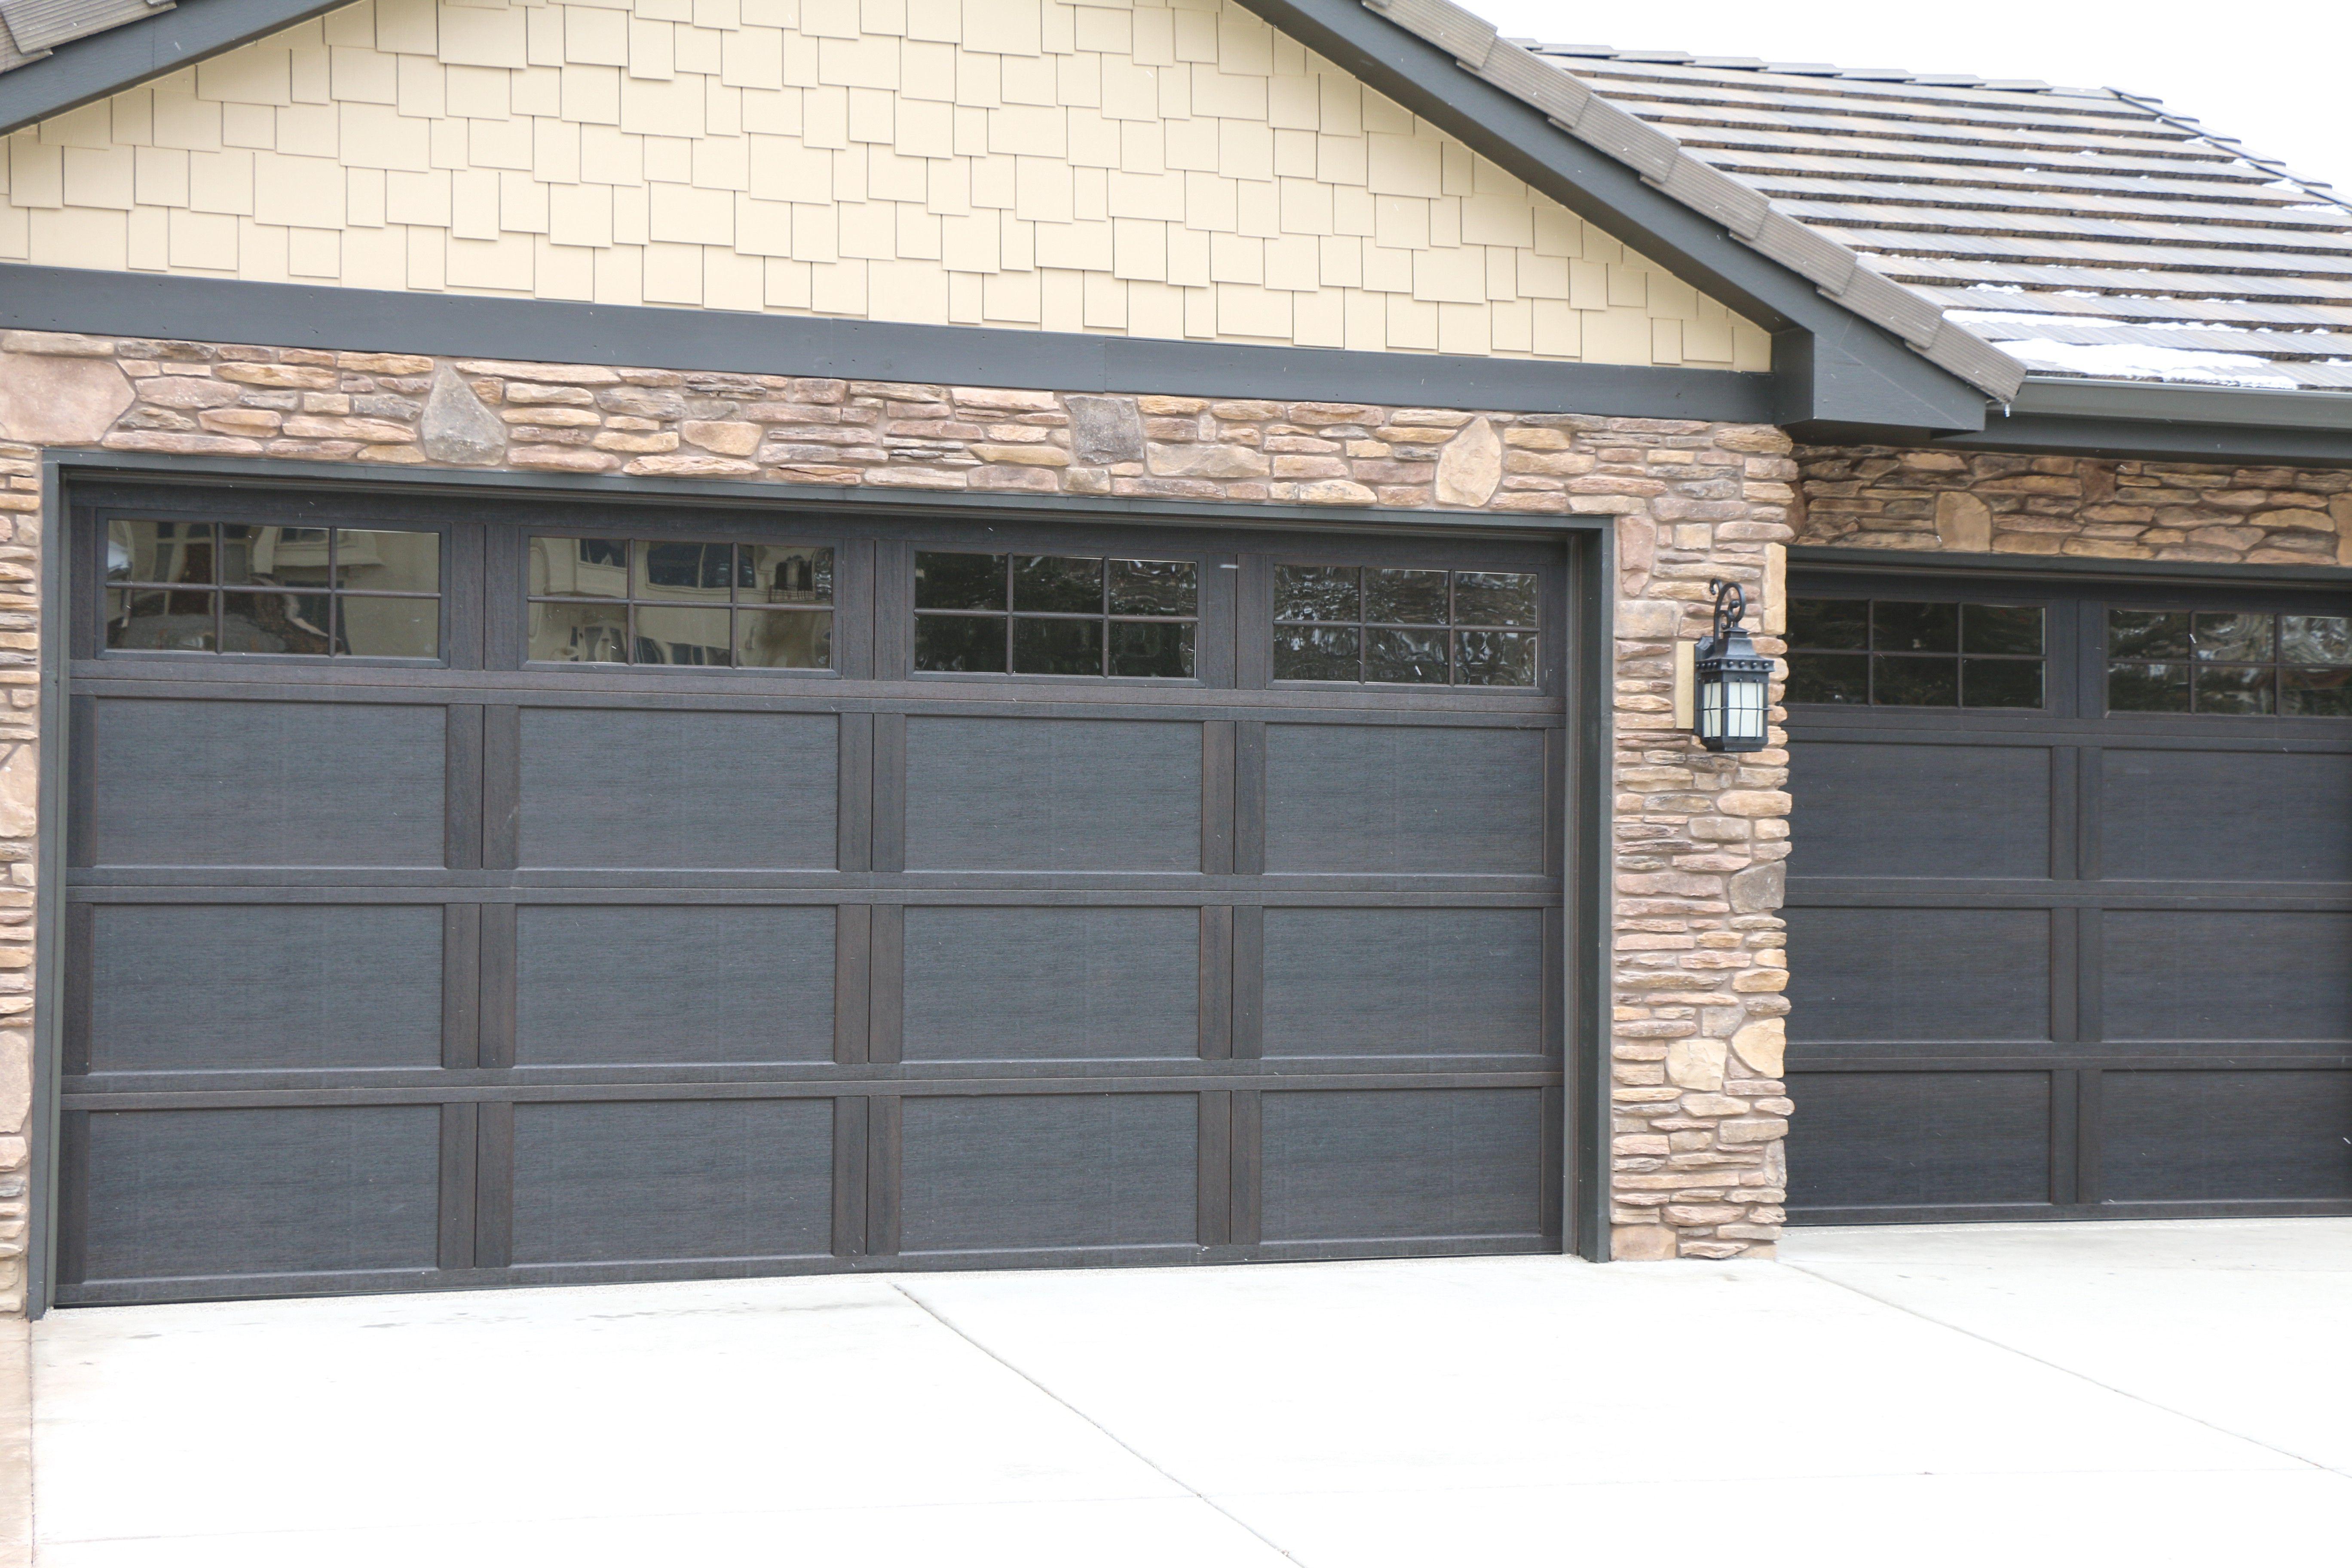 Bring Some Mystery To Your Home By The Garage Door In 2020 Garage Doors Overhead Door Carriage House Doors